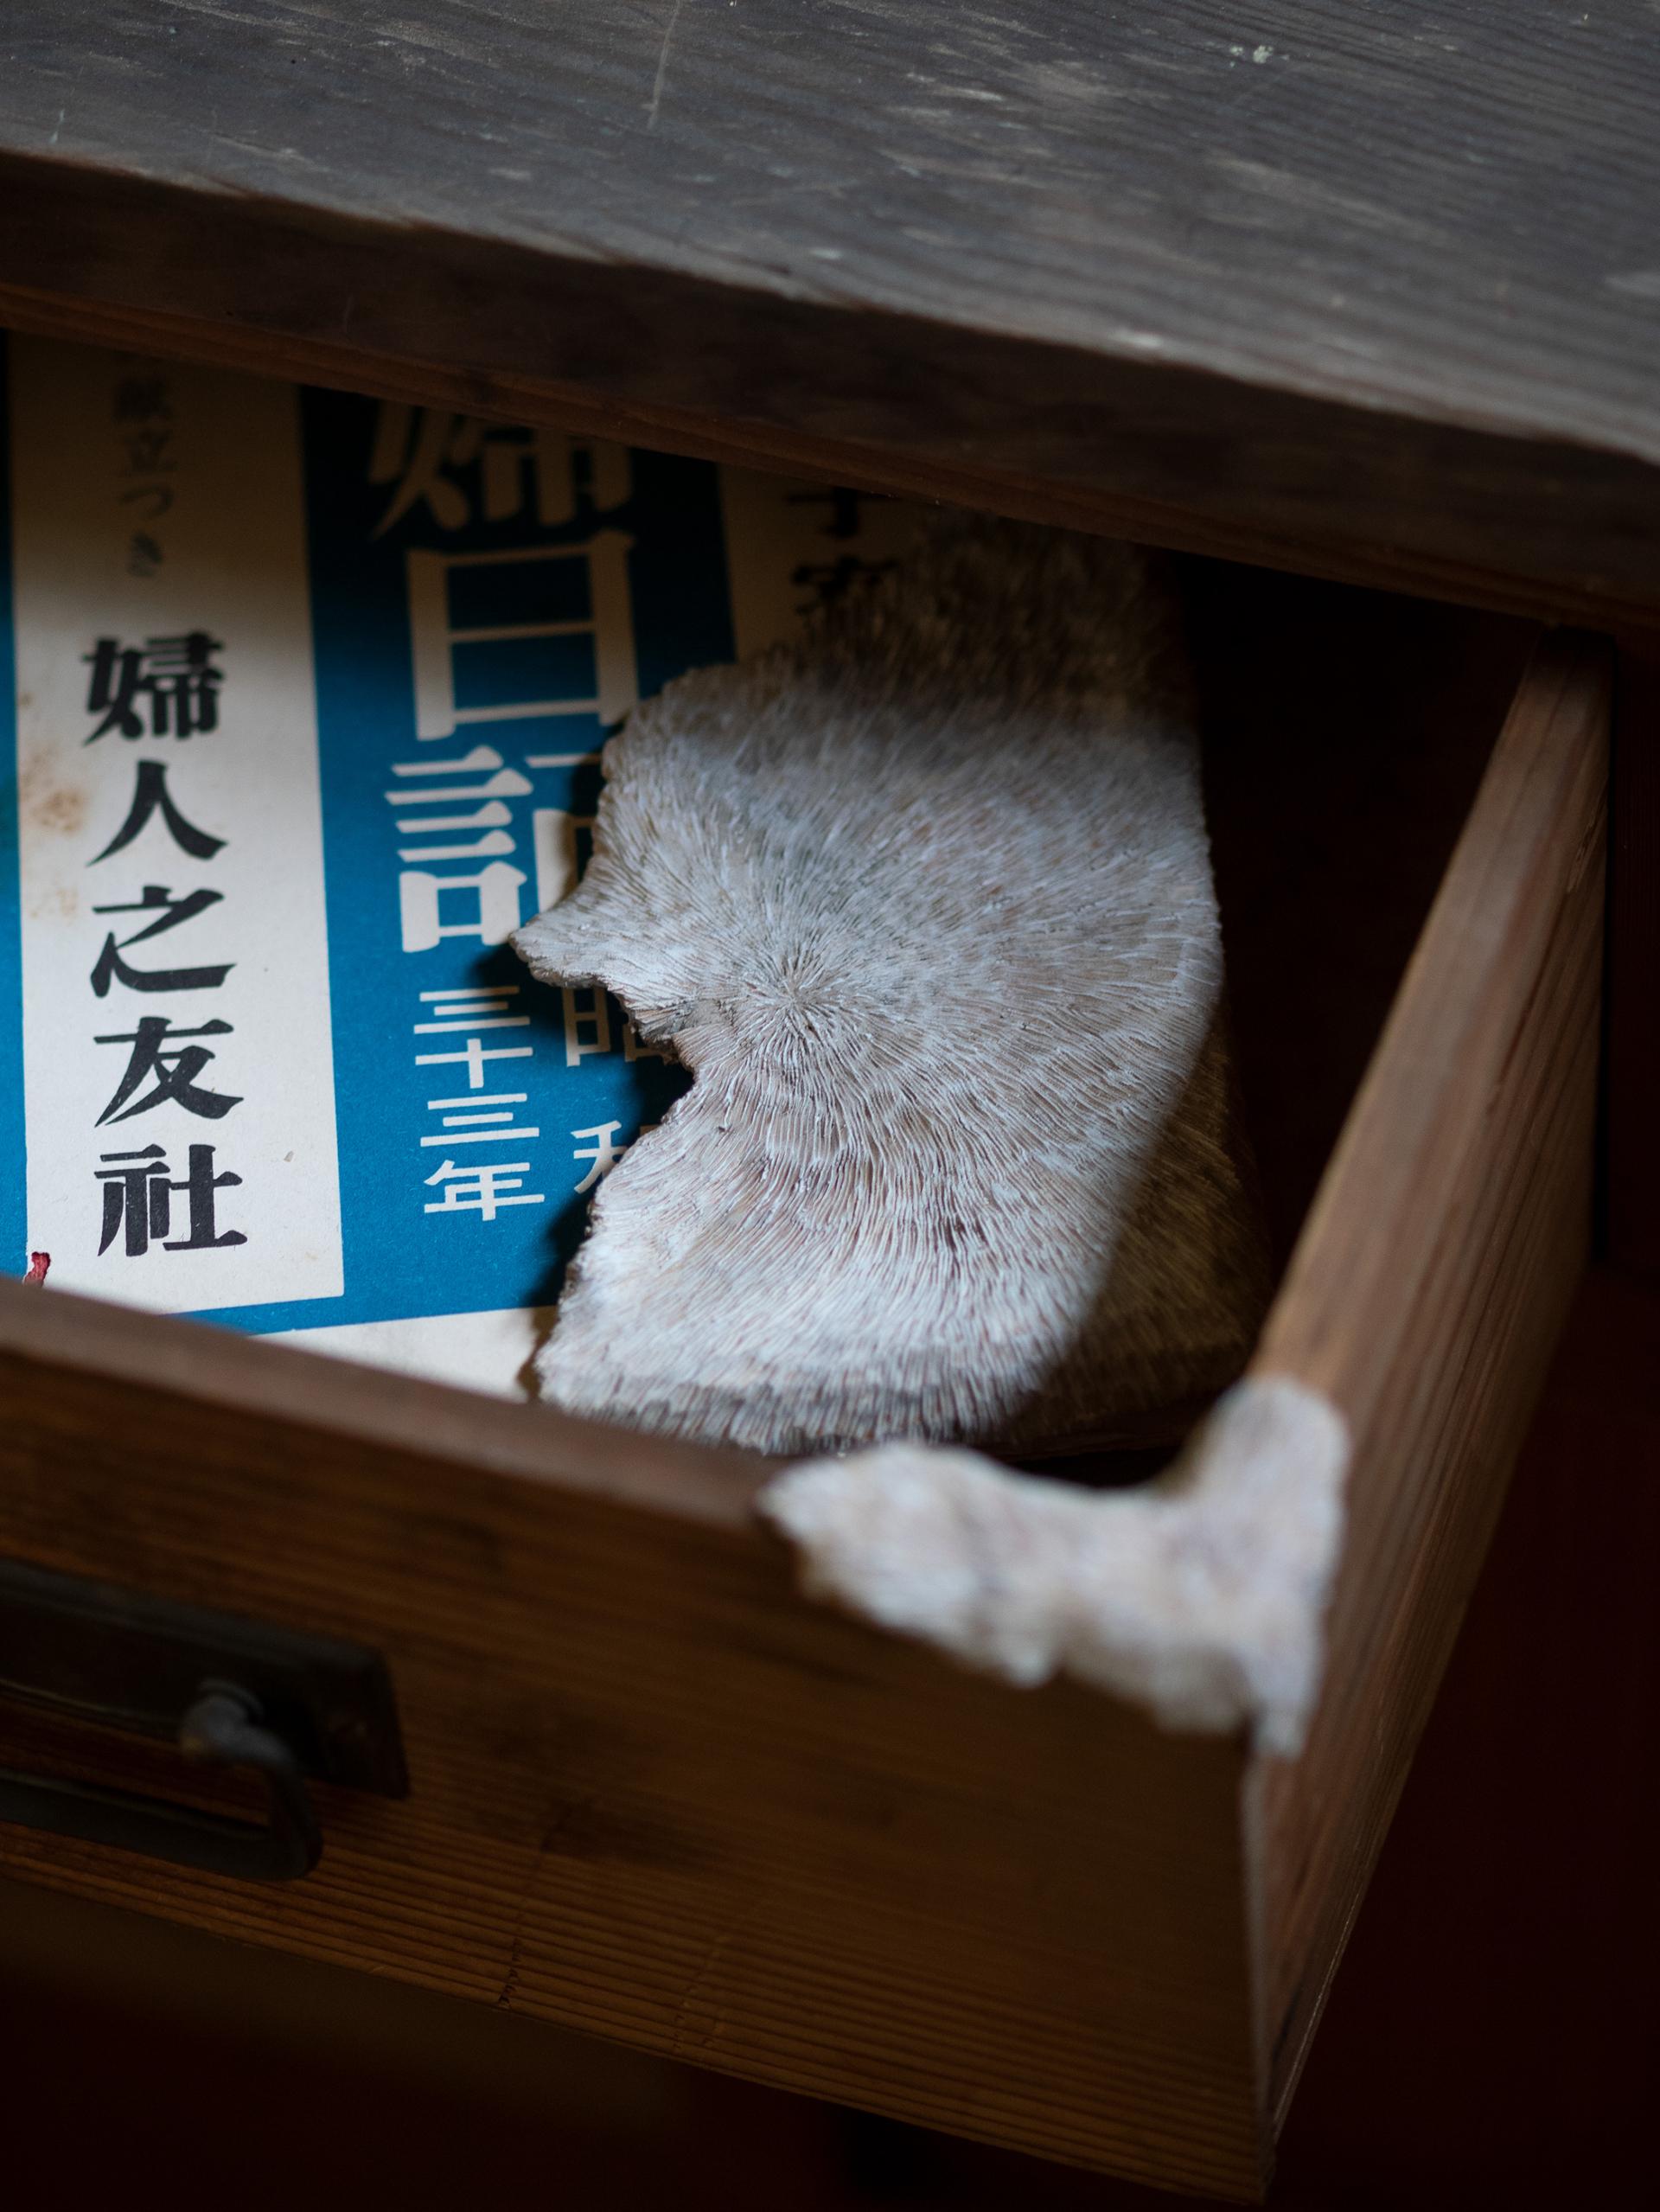 「刻の記憶 Arts and Memories」龍野アートプロジェクト 2016(兵庫県 たつの市)